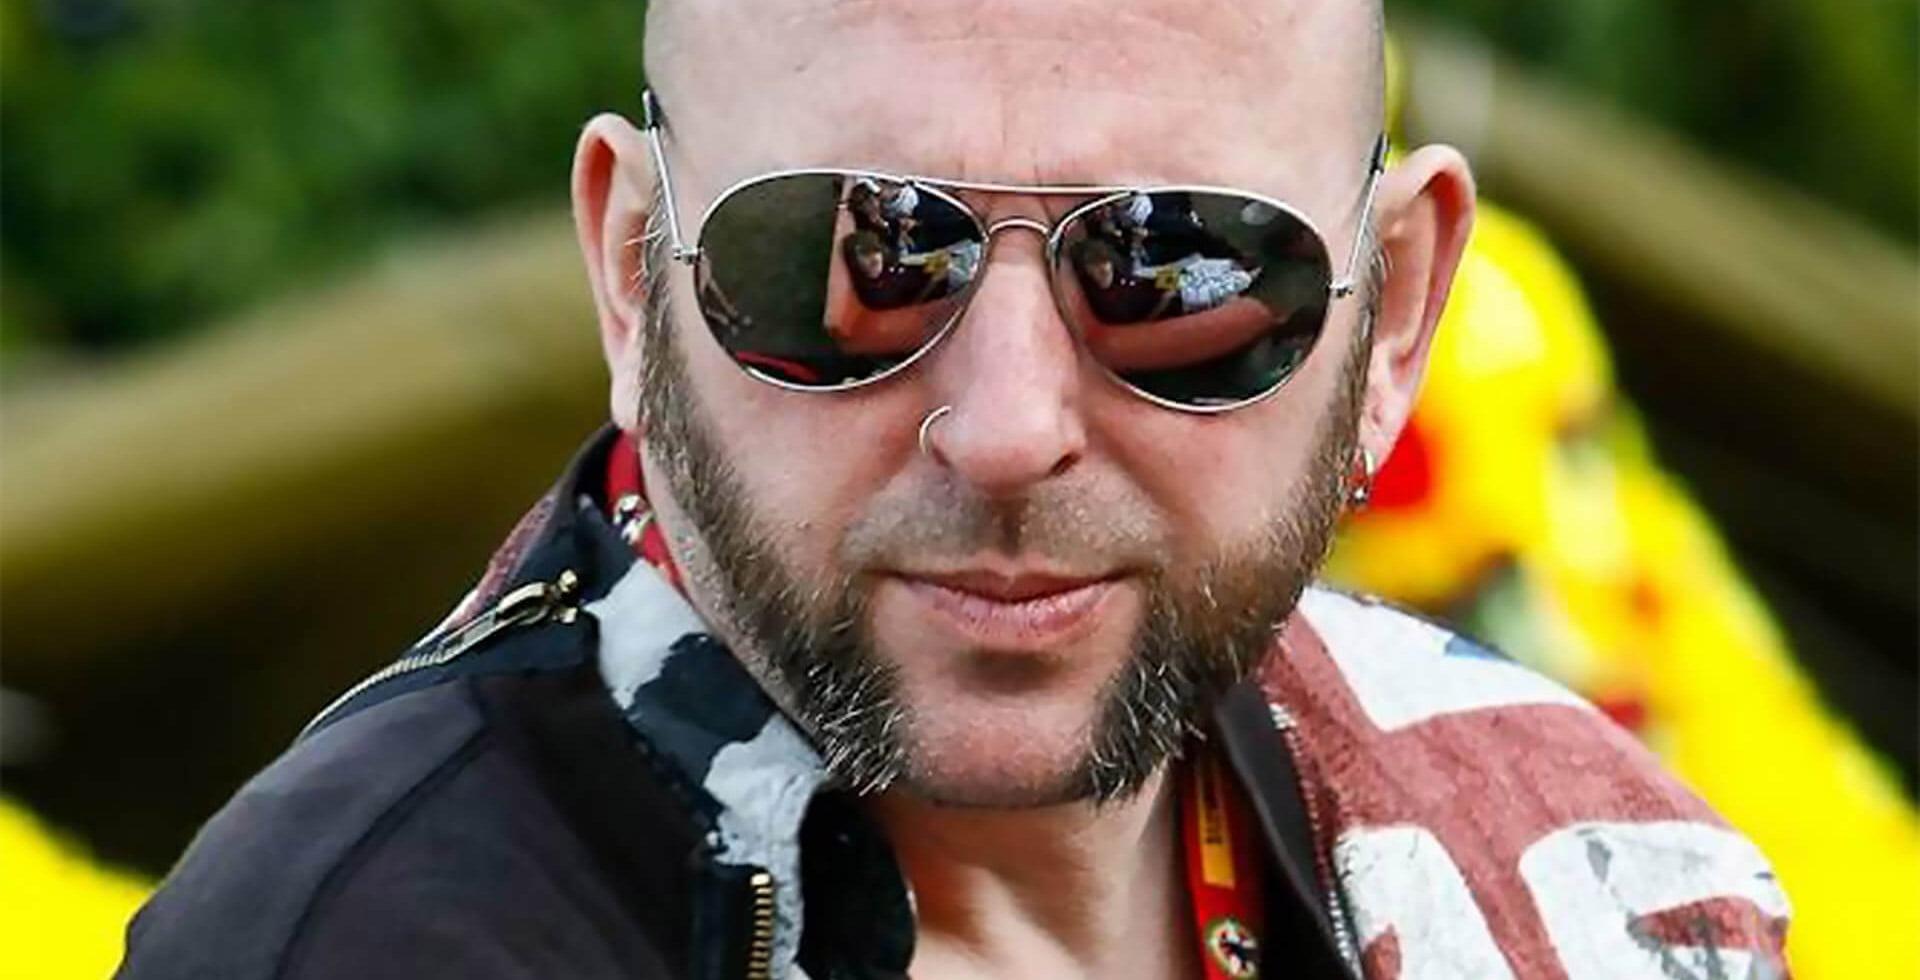 Rev Jack Daniels DJ at Wilkswood Reggae 2018